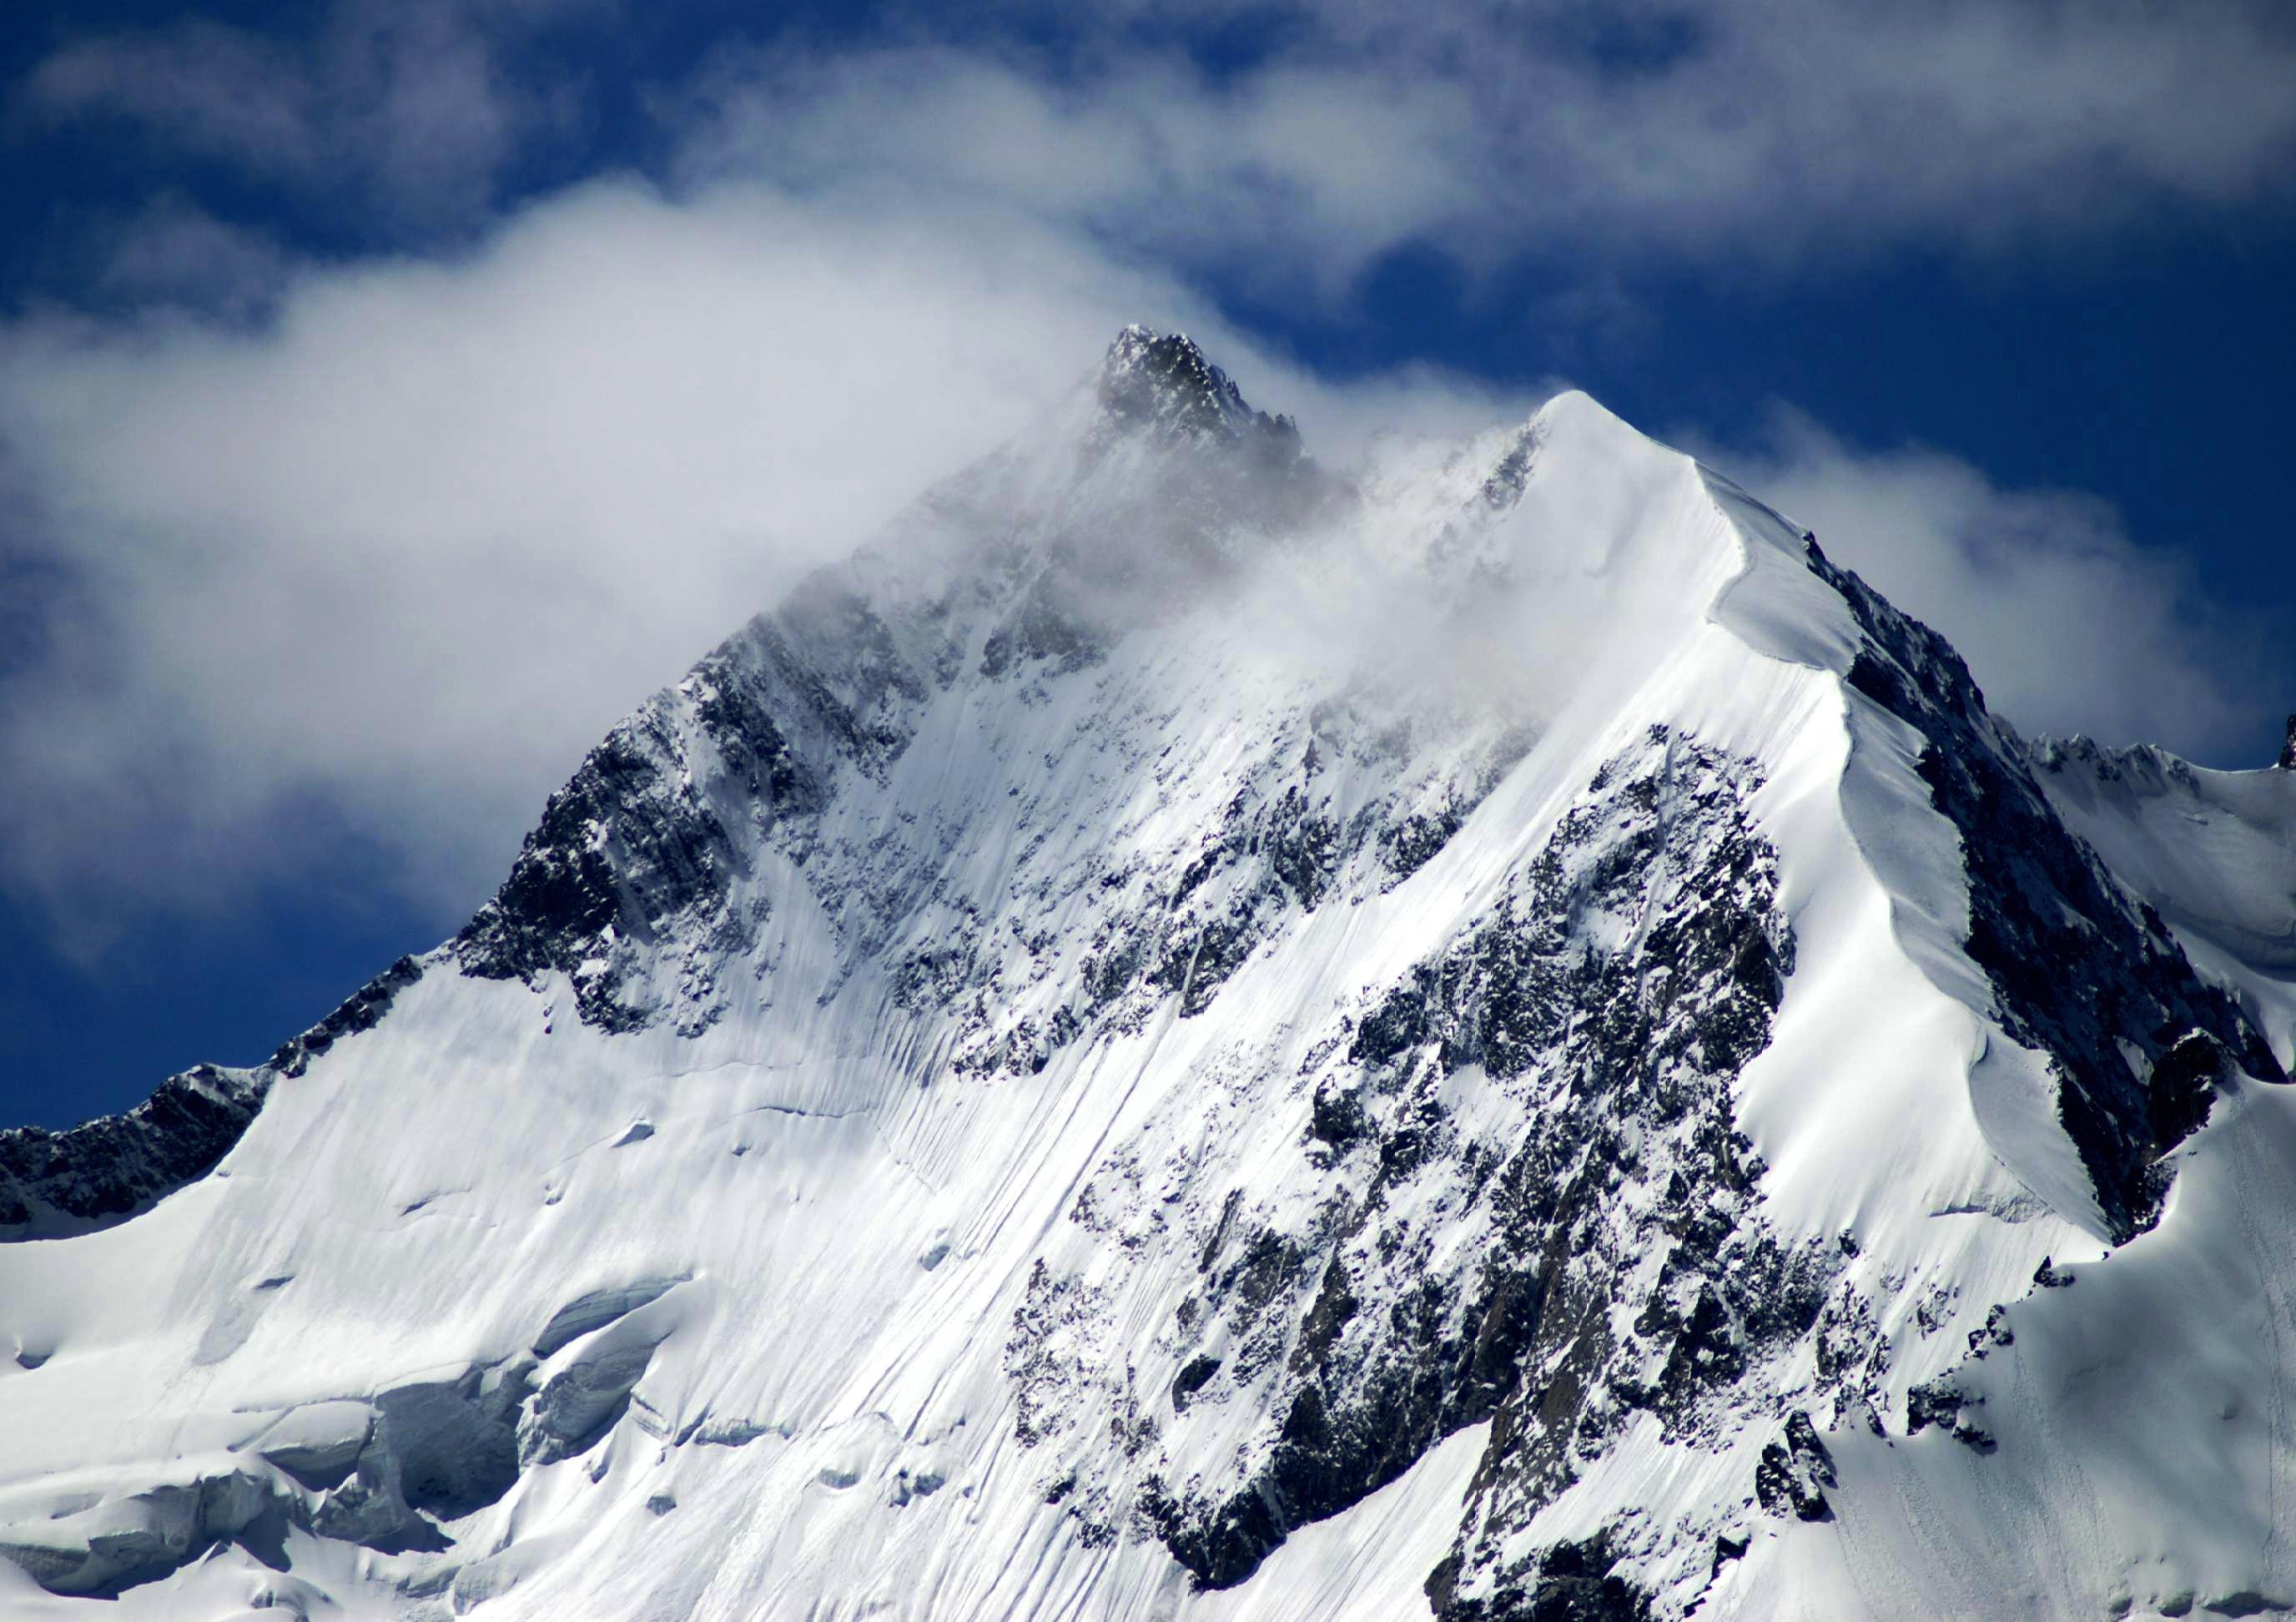 GR - Piz Bernina (4049m)